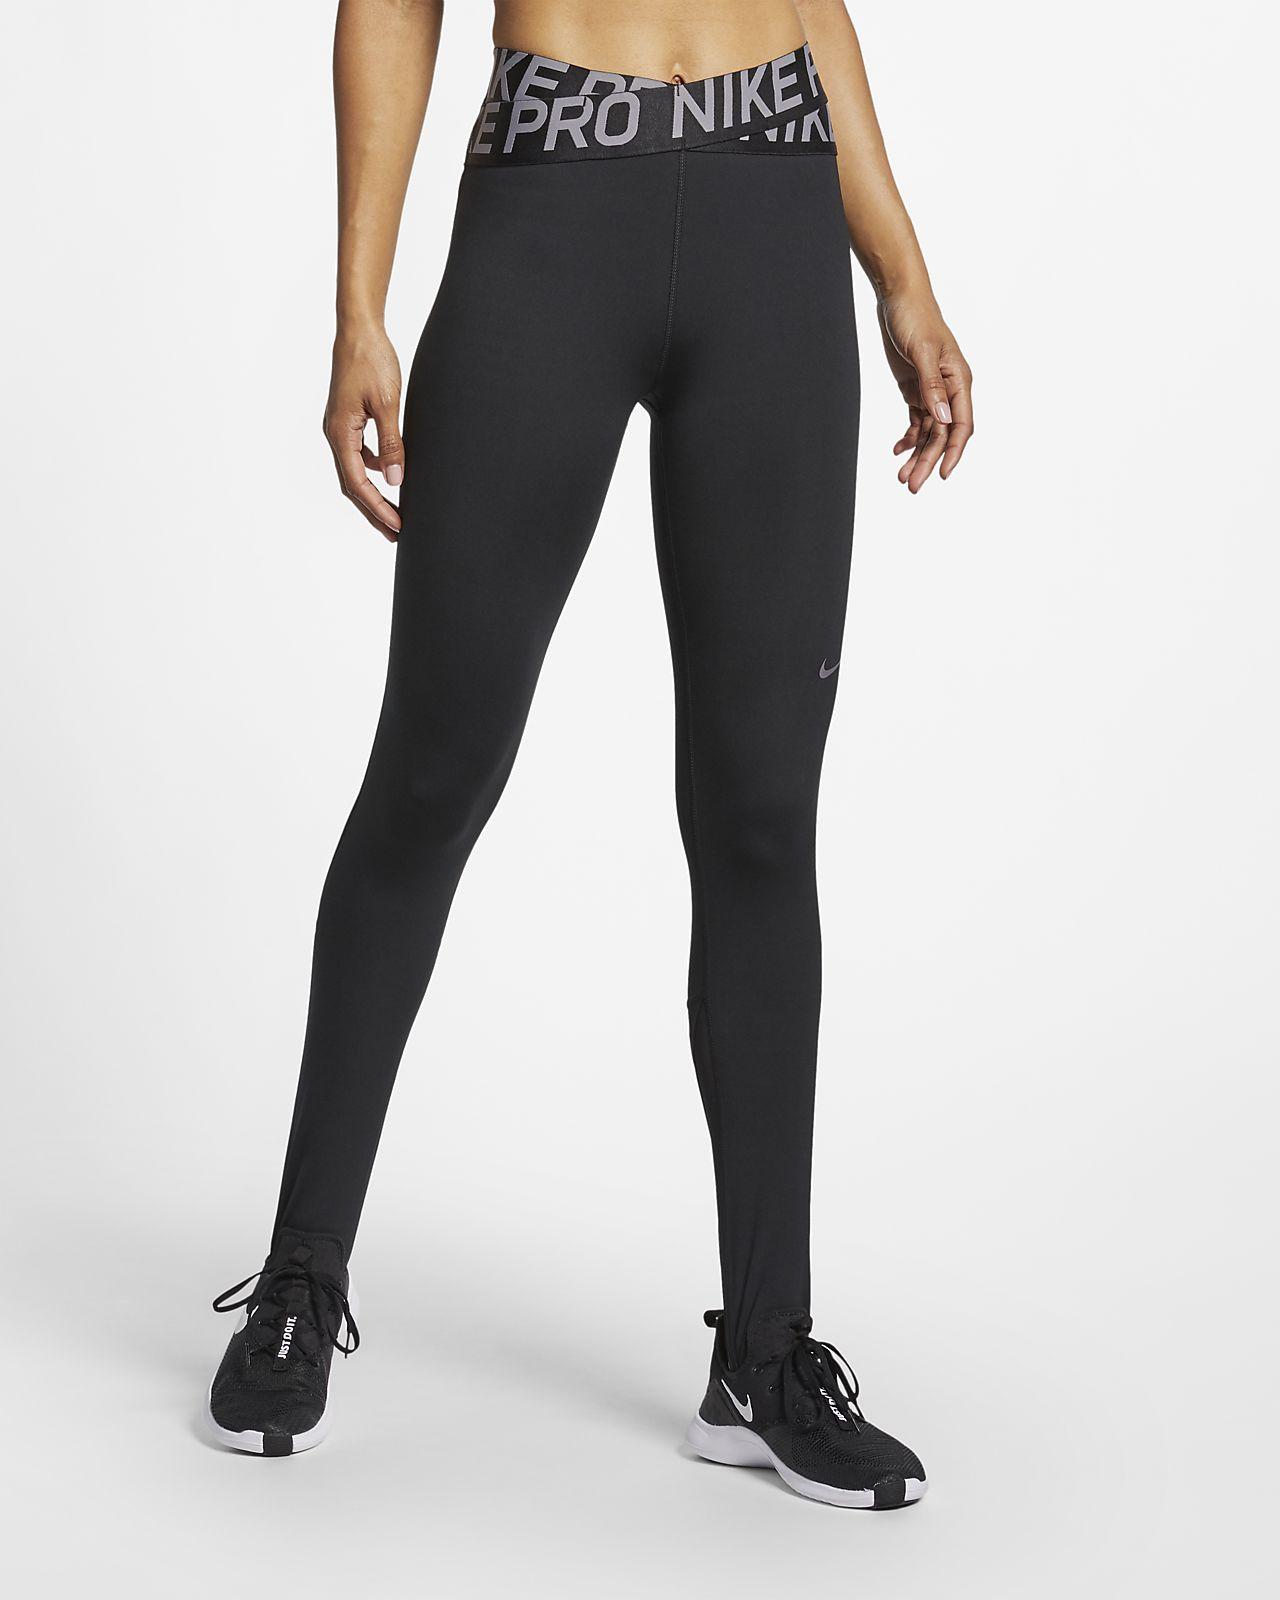 Damskie spodnie i legginsy Nike. (PL)